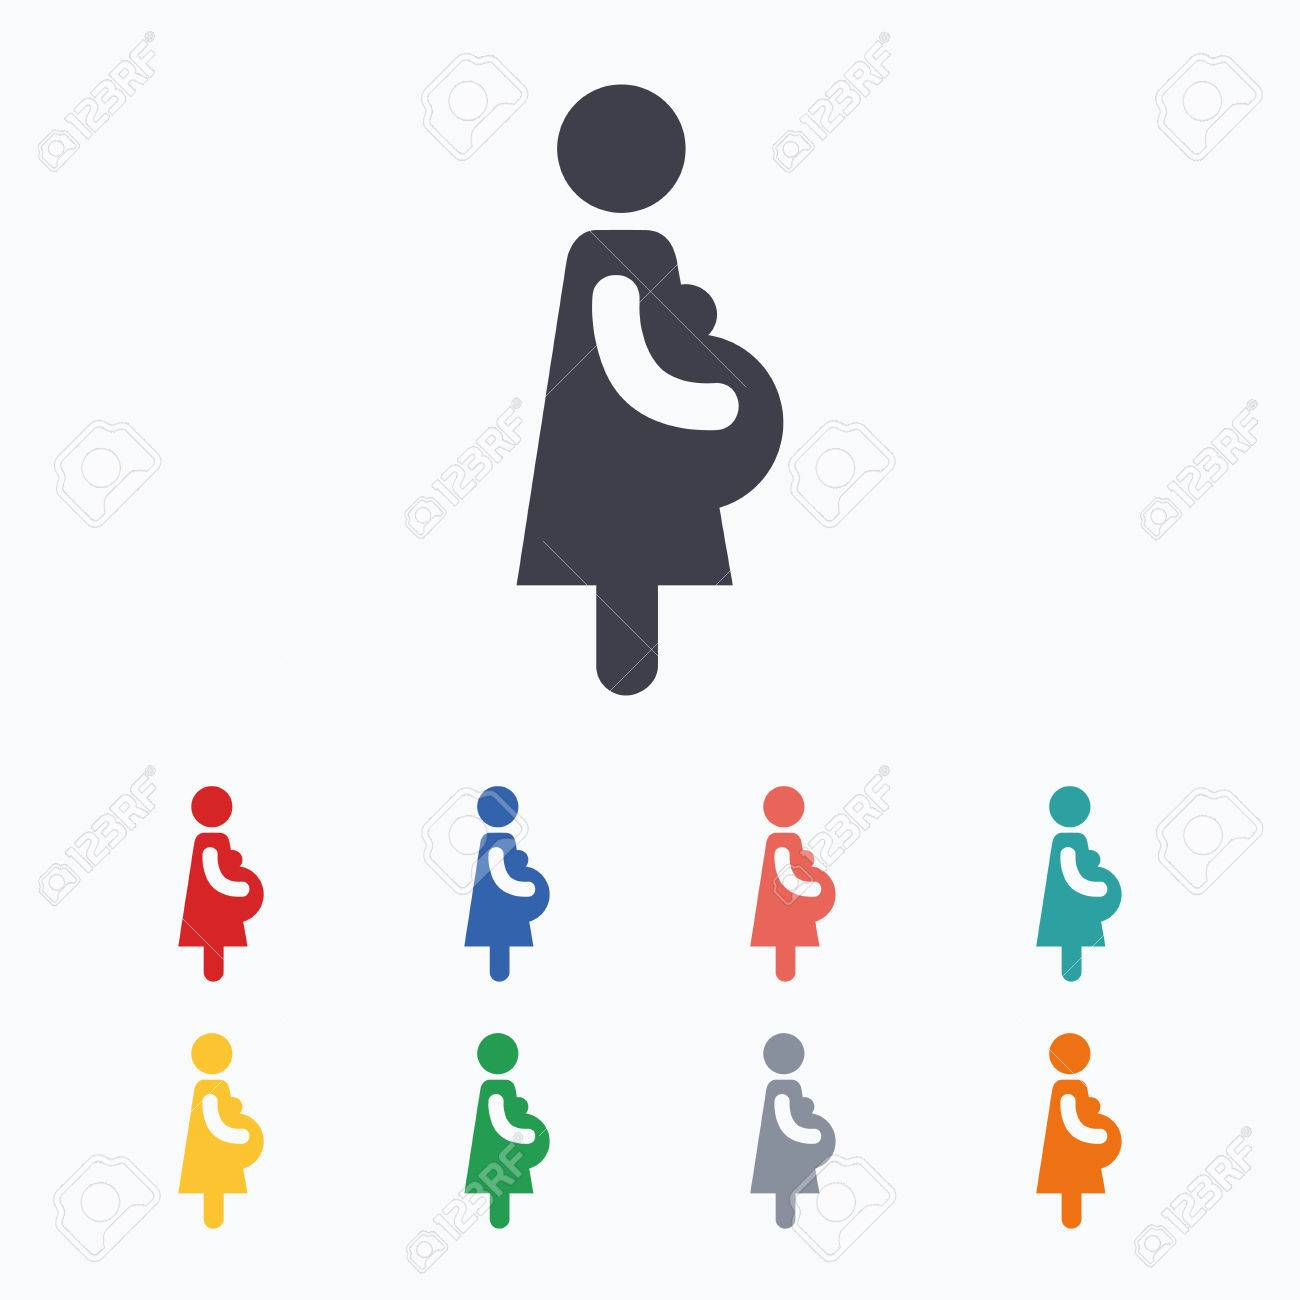 Enceinte signe icône. Femmes symbole de la grossesse. icônes plates de  couleur sur fond blanc.